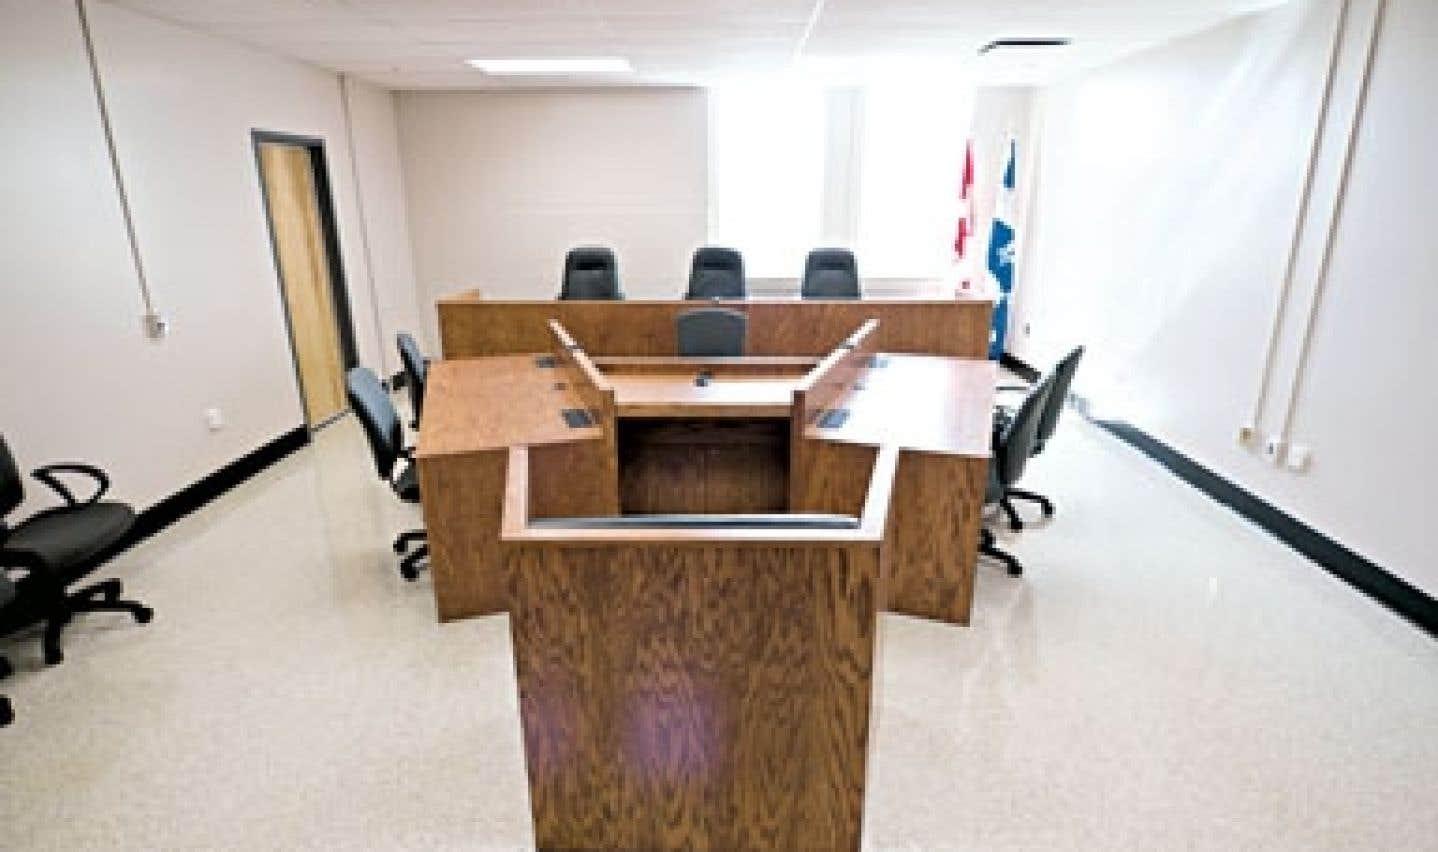 La salle d'audience a été aménagée pour traiter les ordonnances de soins.